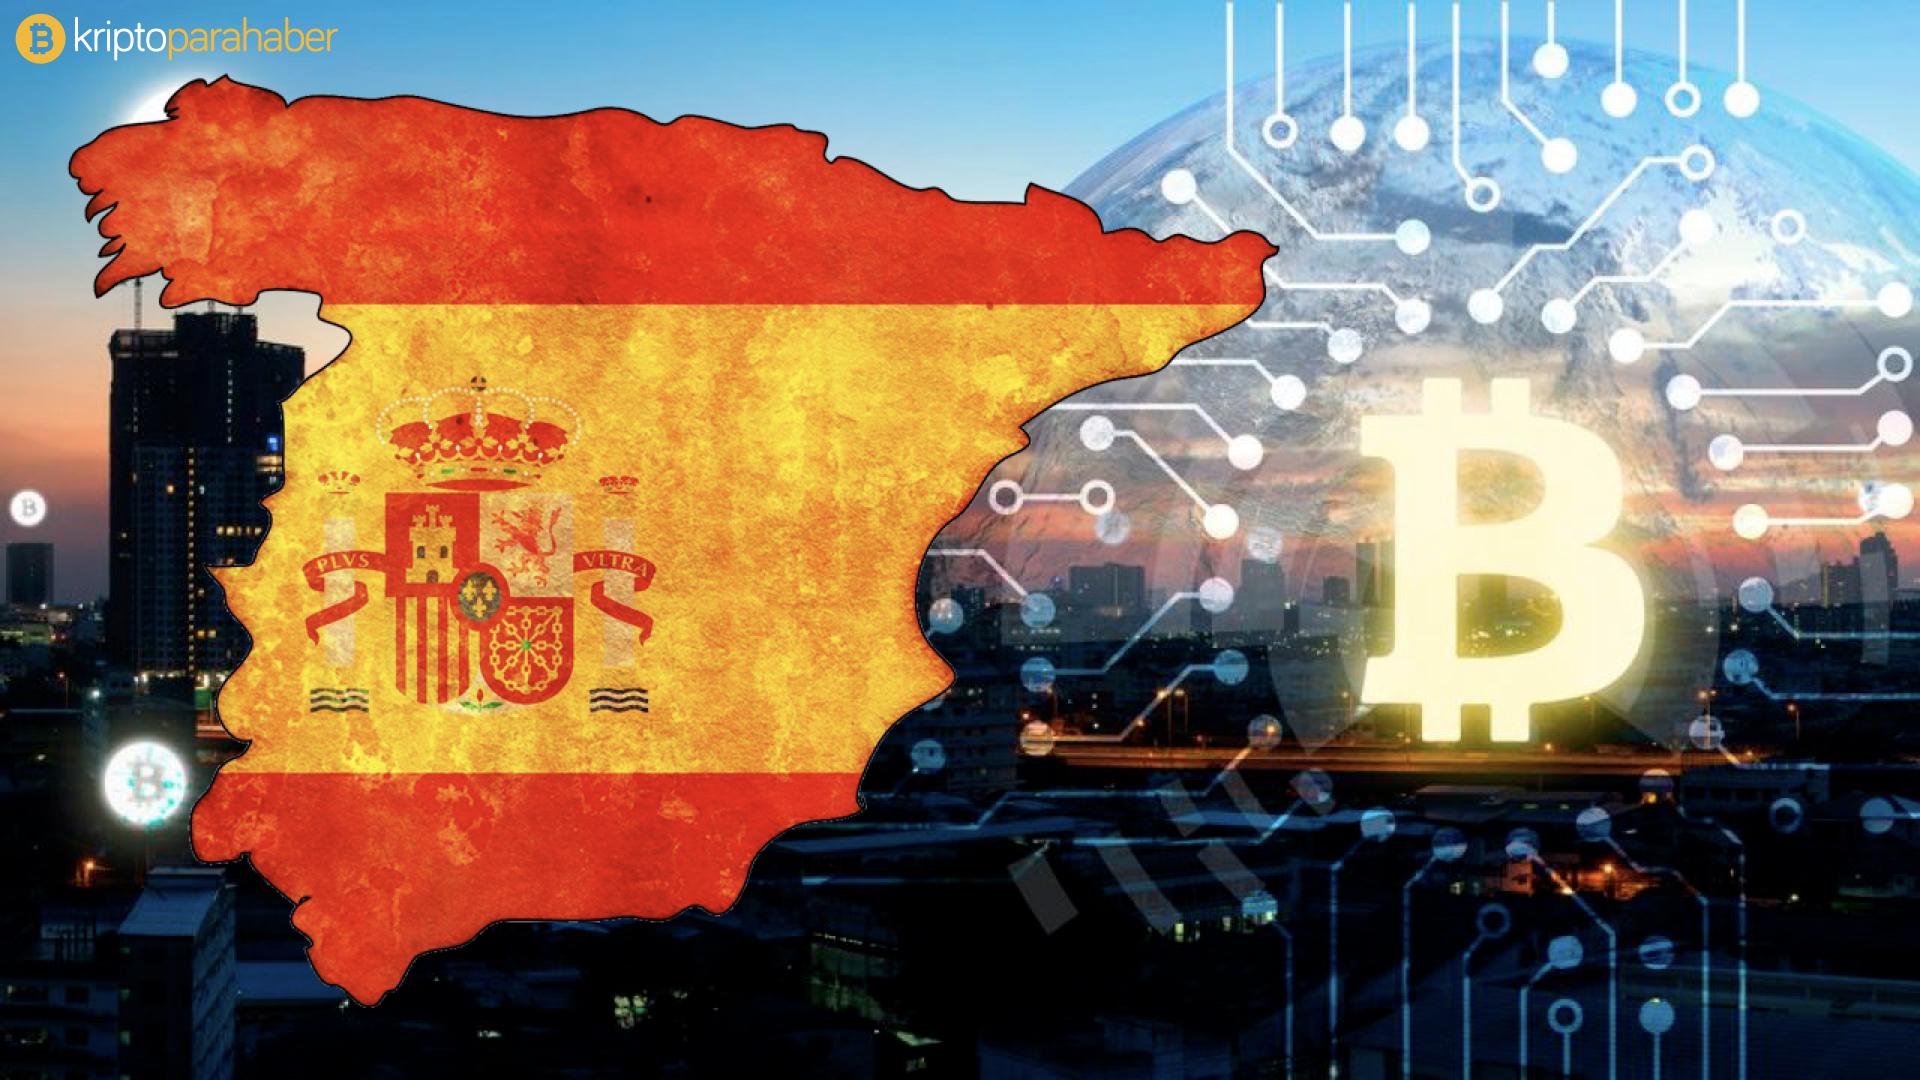 İspanya Merkez Bankası kripto para raporu yayımladı.